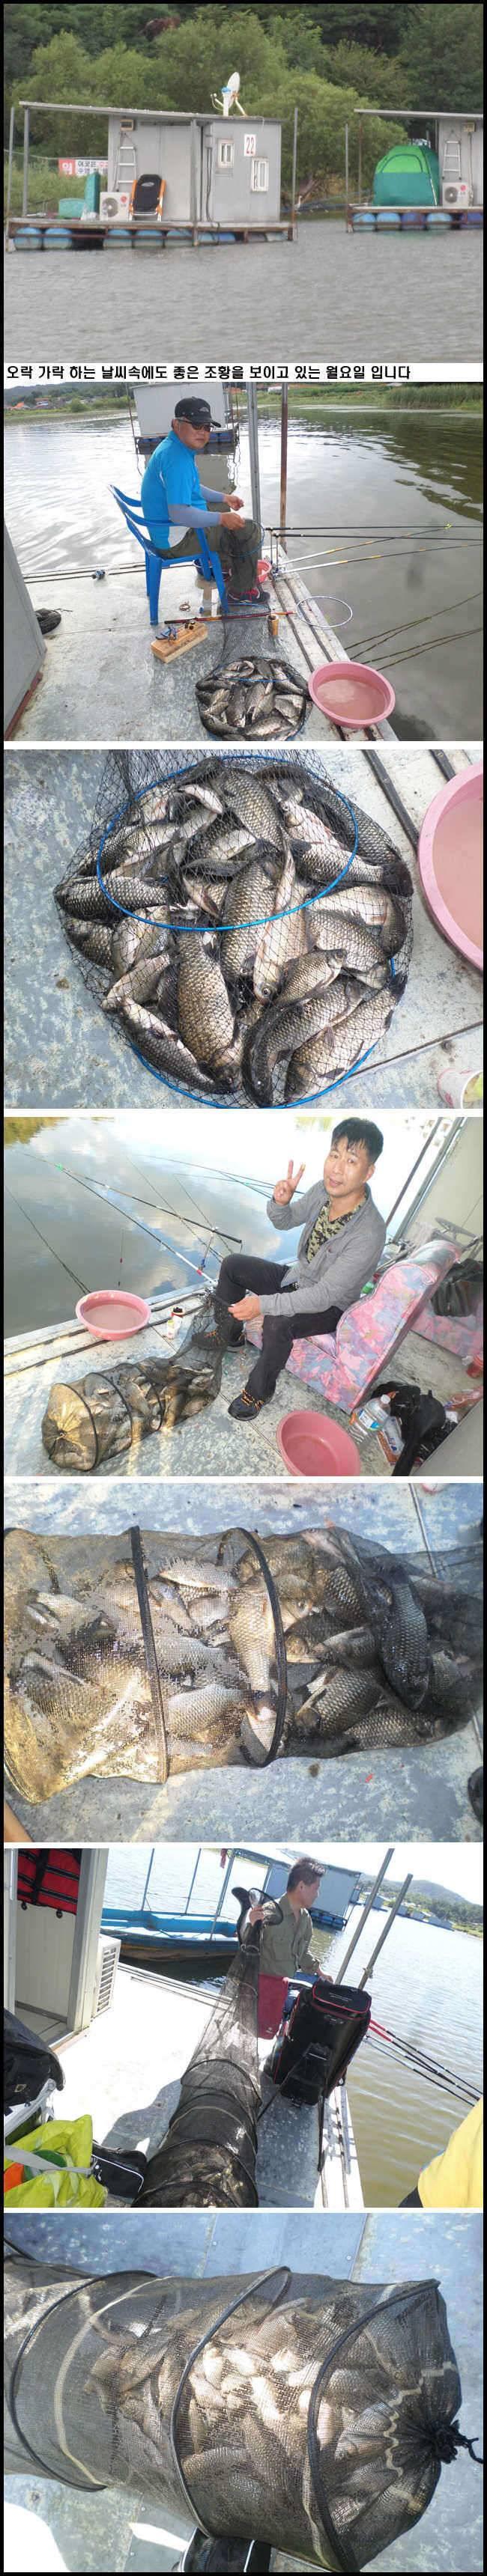 fish_pay_12524842.jpg